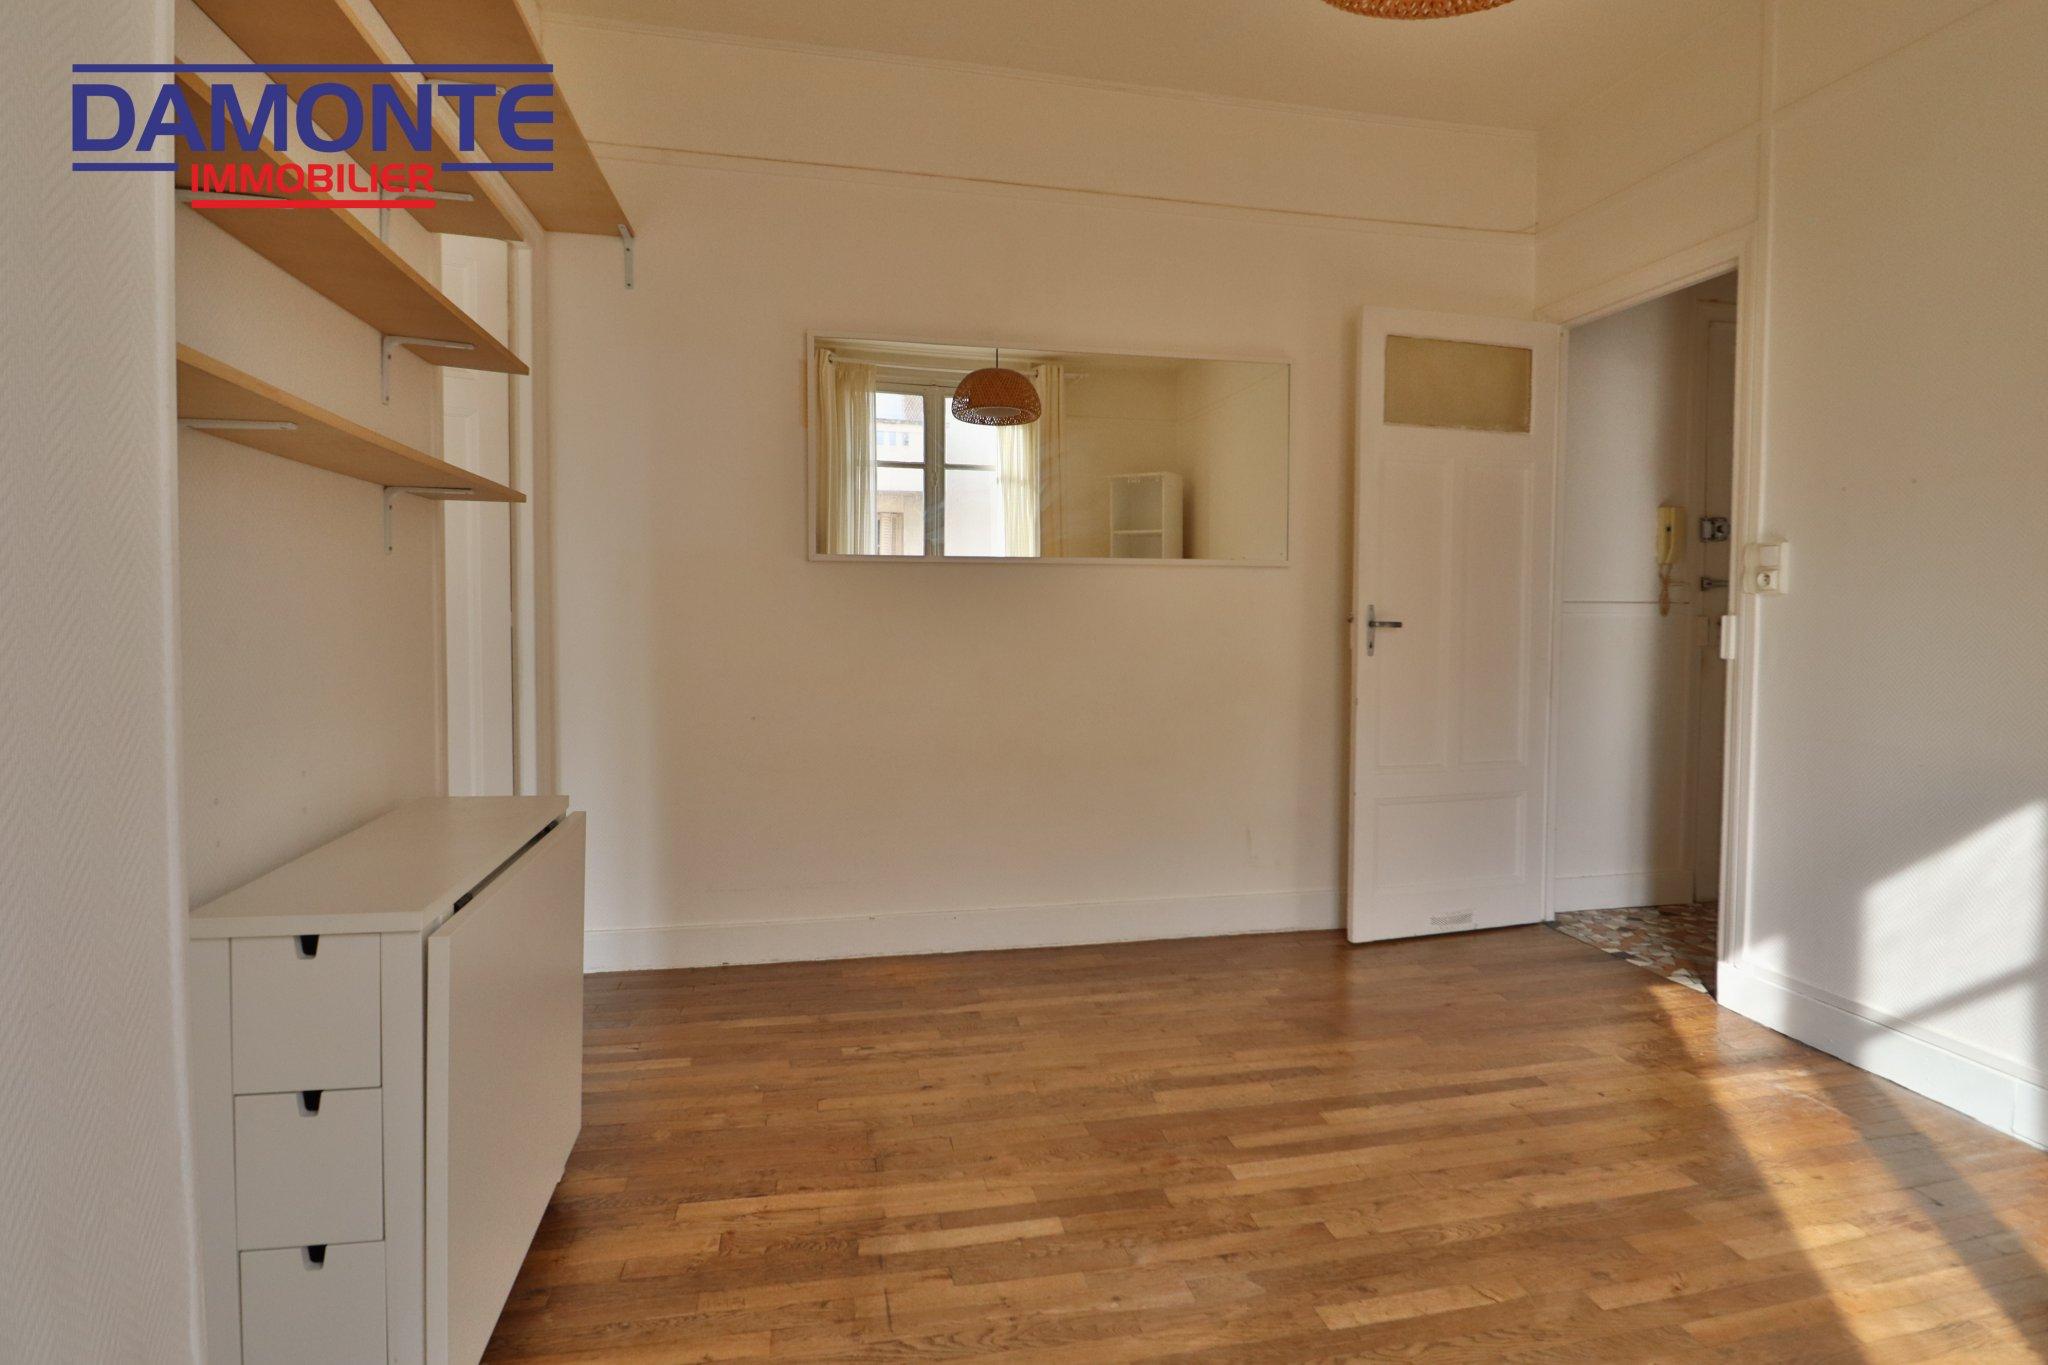 Damonte Achat appartement - Réf n° 1_19272